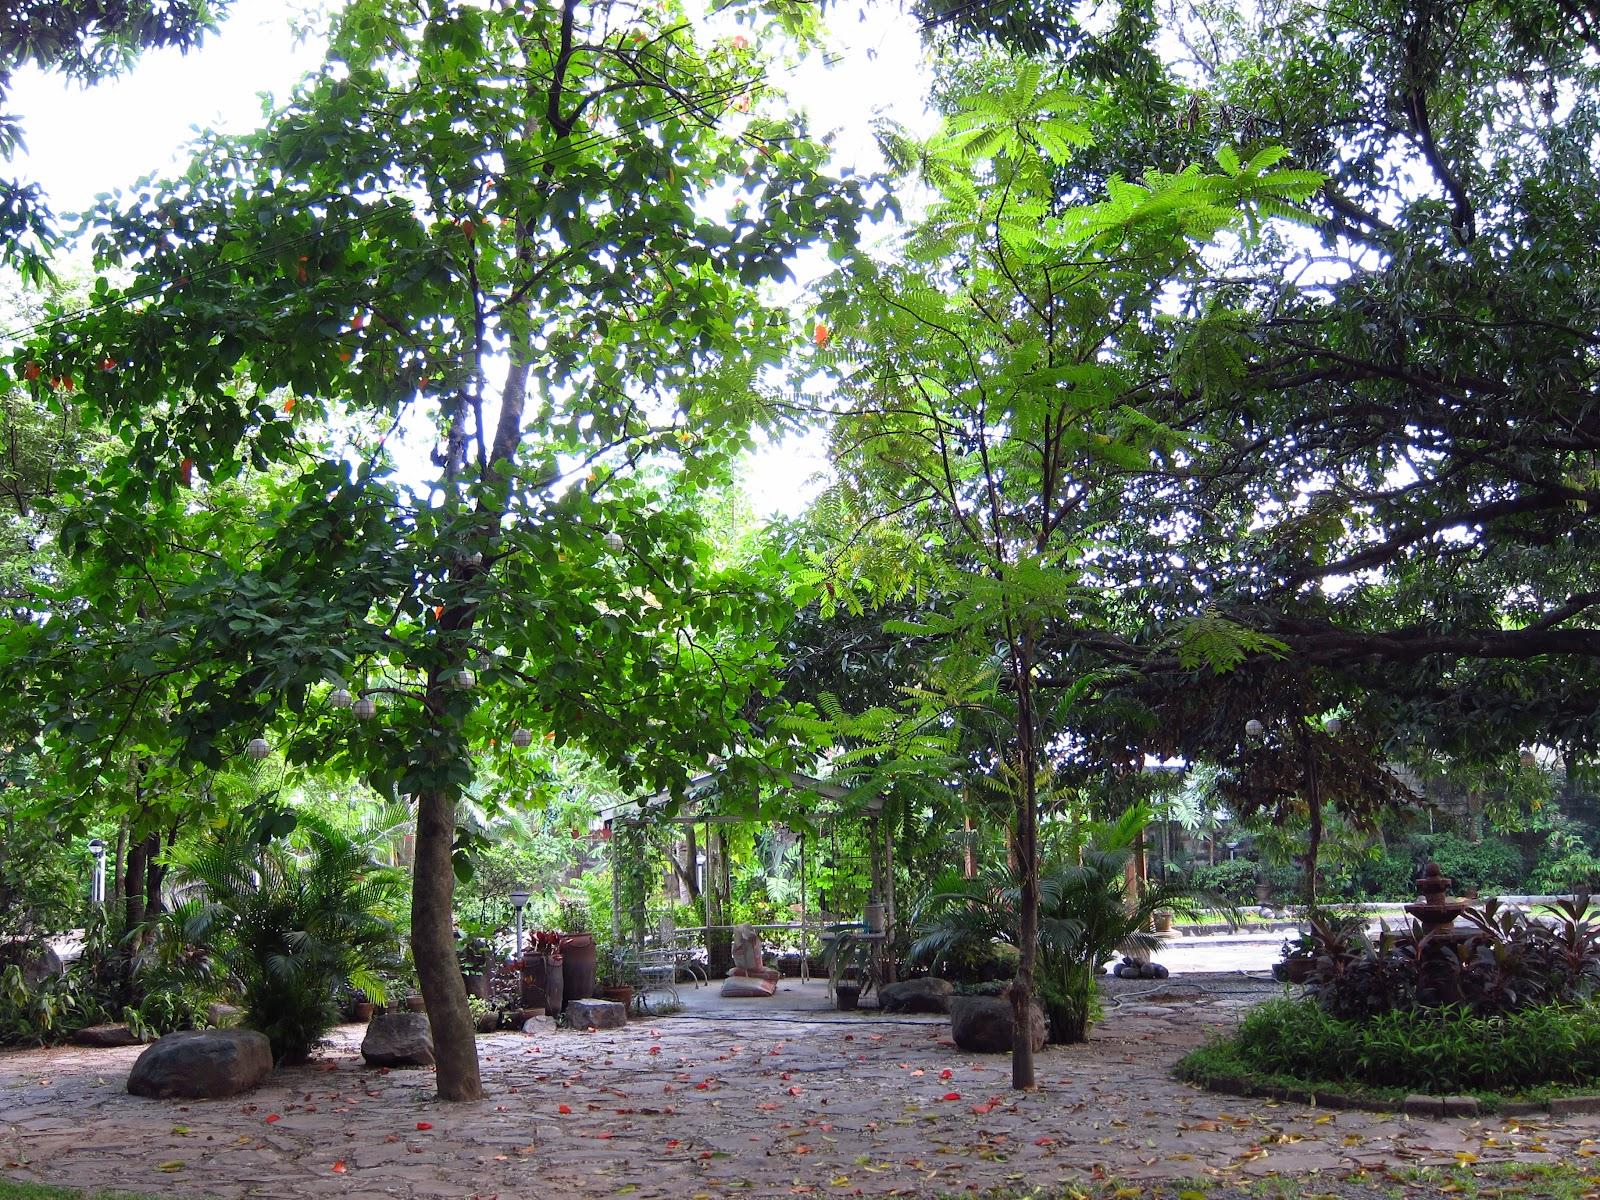 Lu0027Orchard Garden: Our Wedding Venue